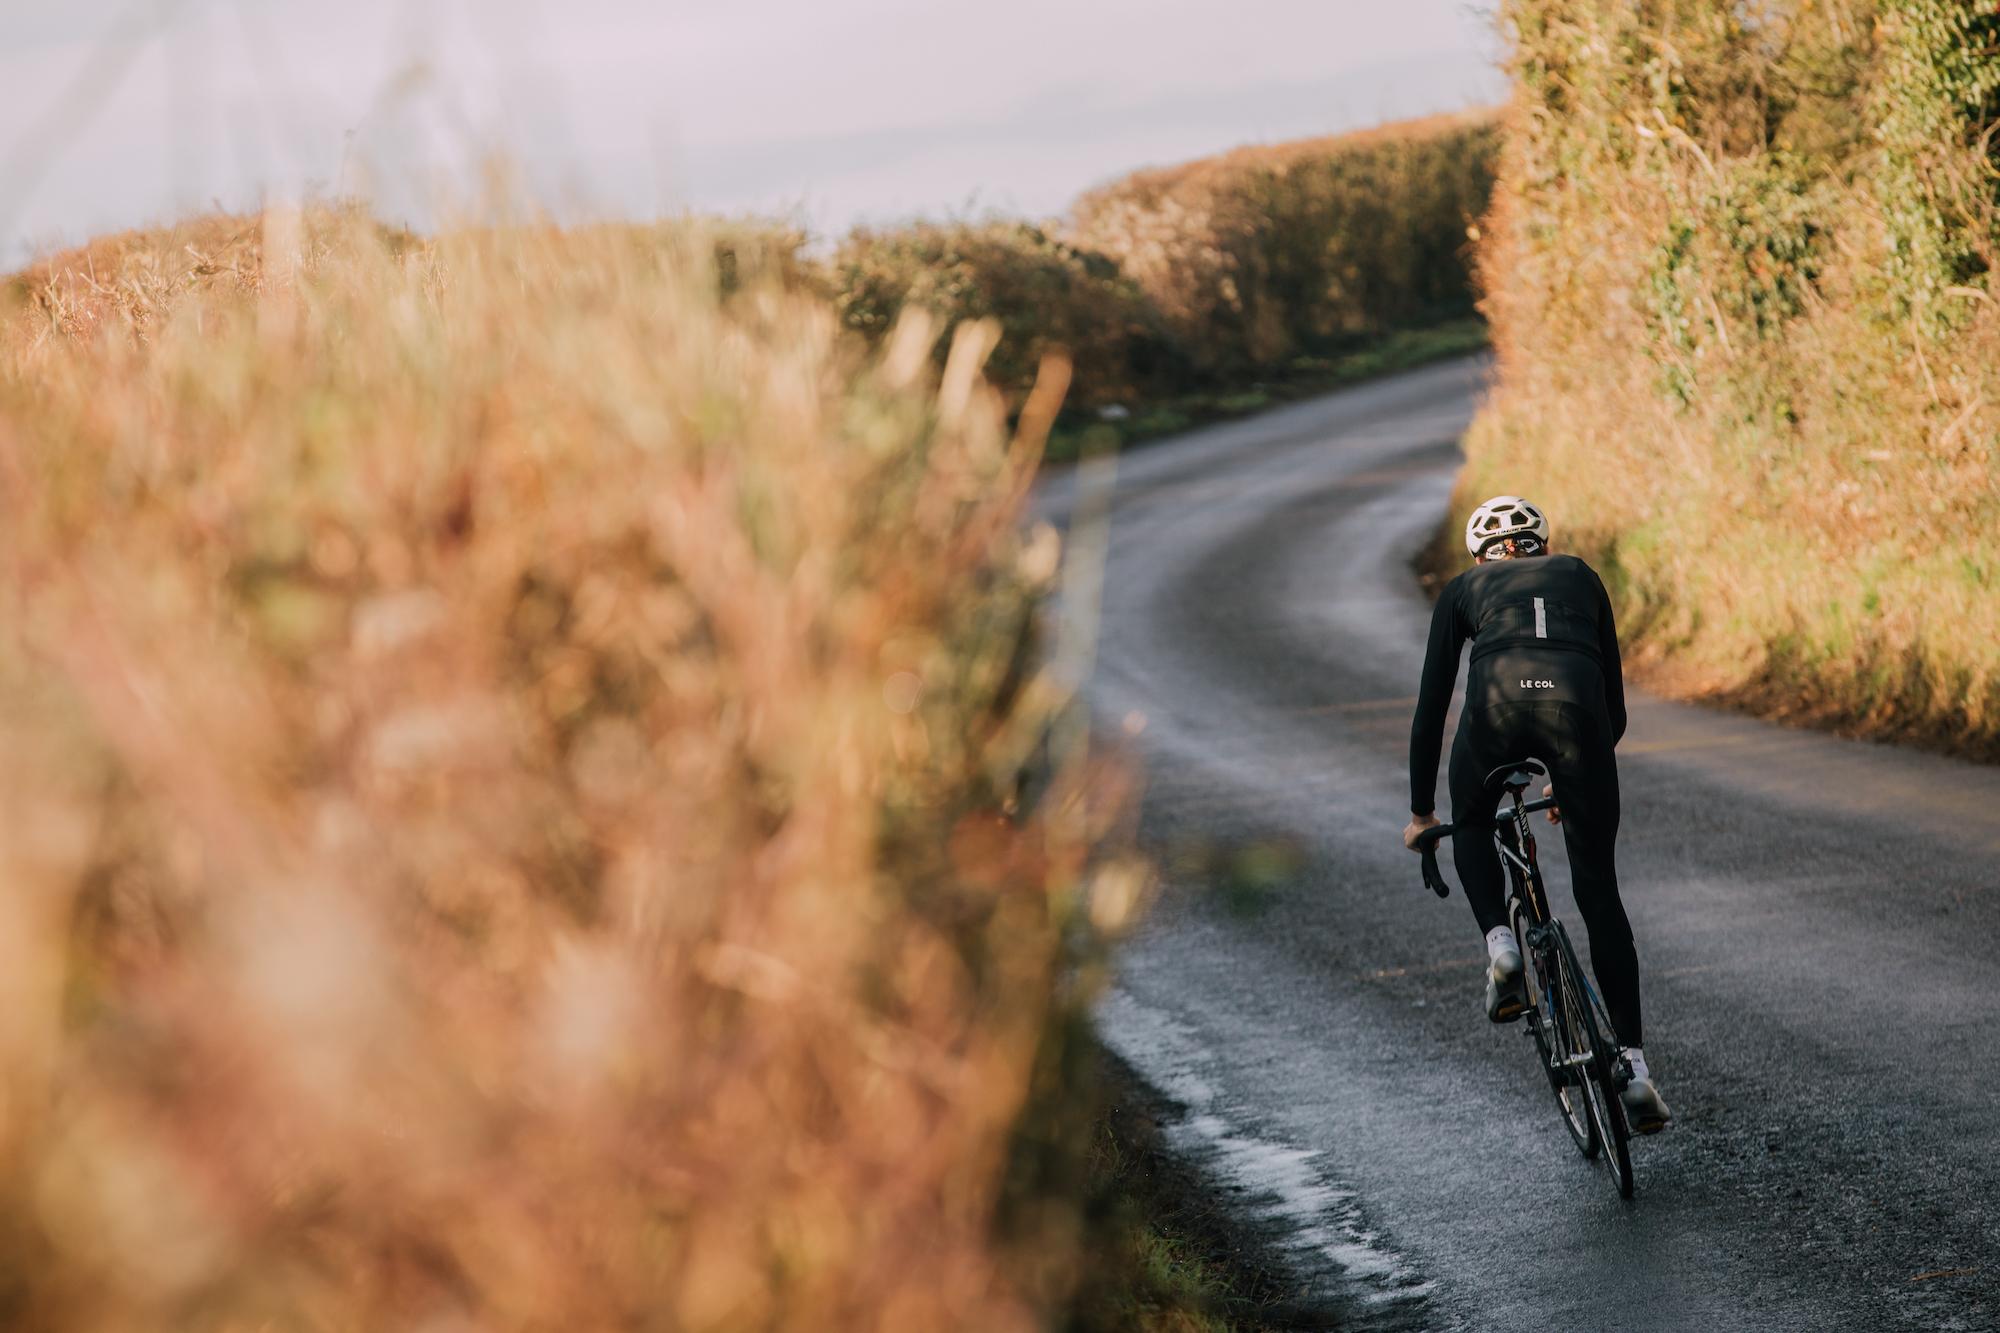 Nieuwjaarsvoornemens voor fietsers in 2021